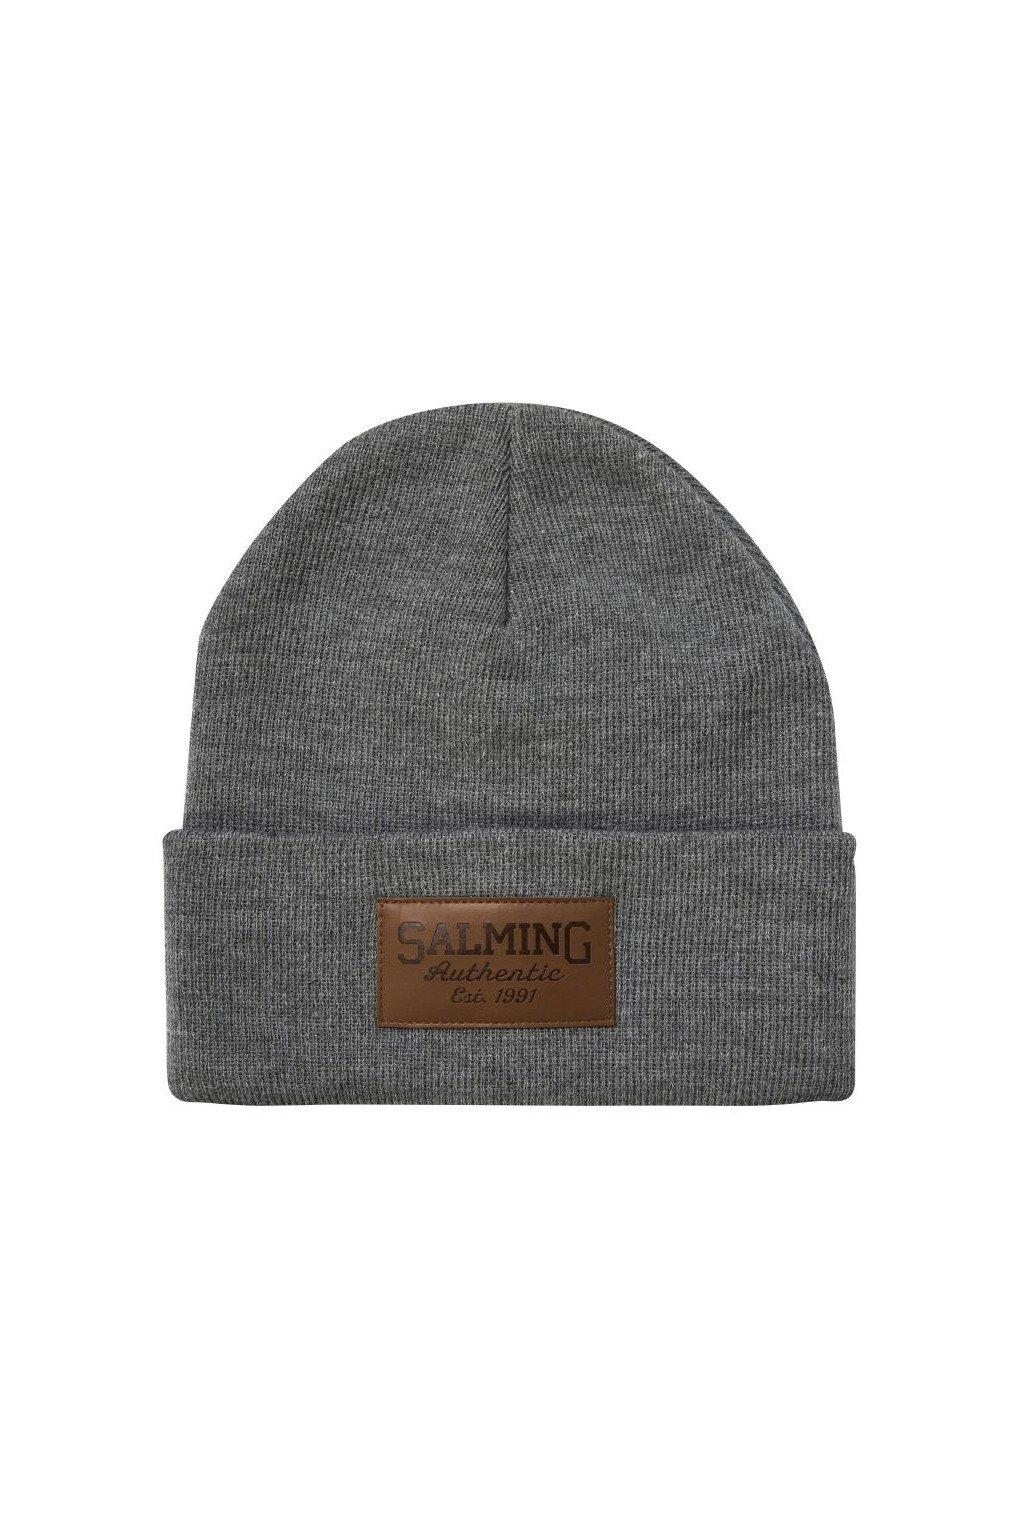 salming walton beanie grey